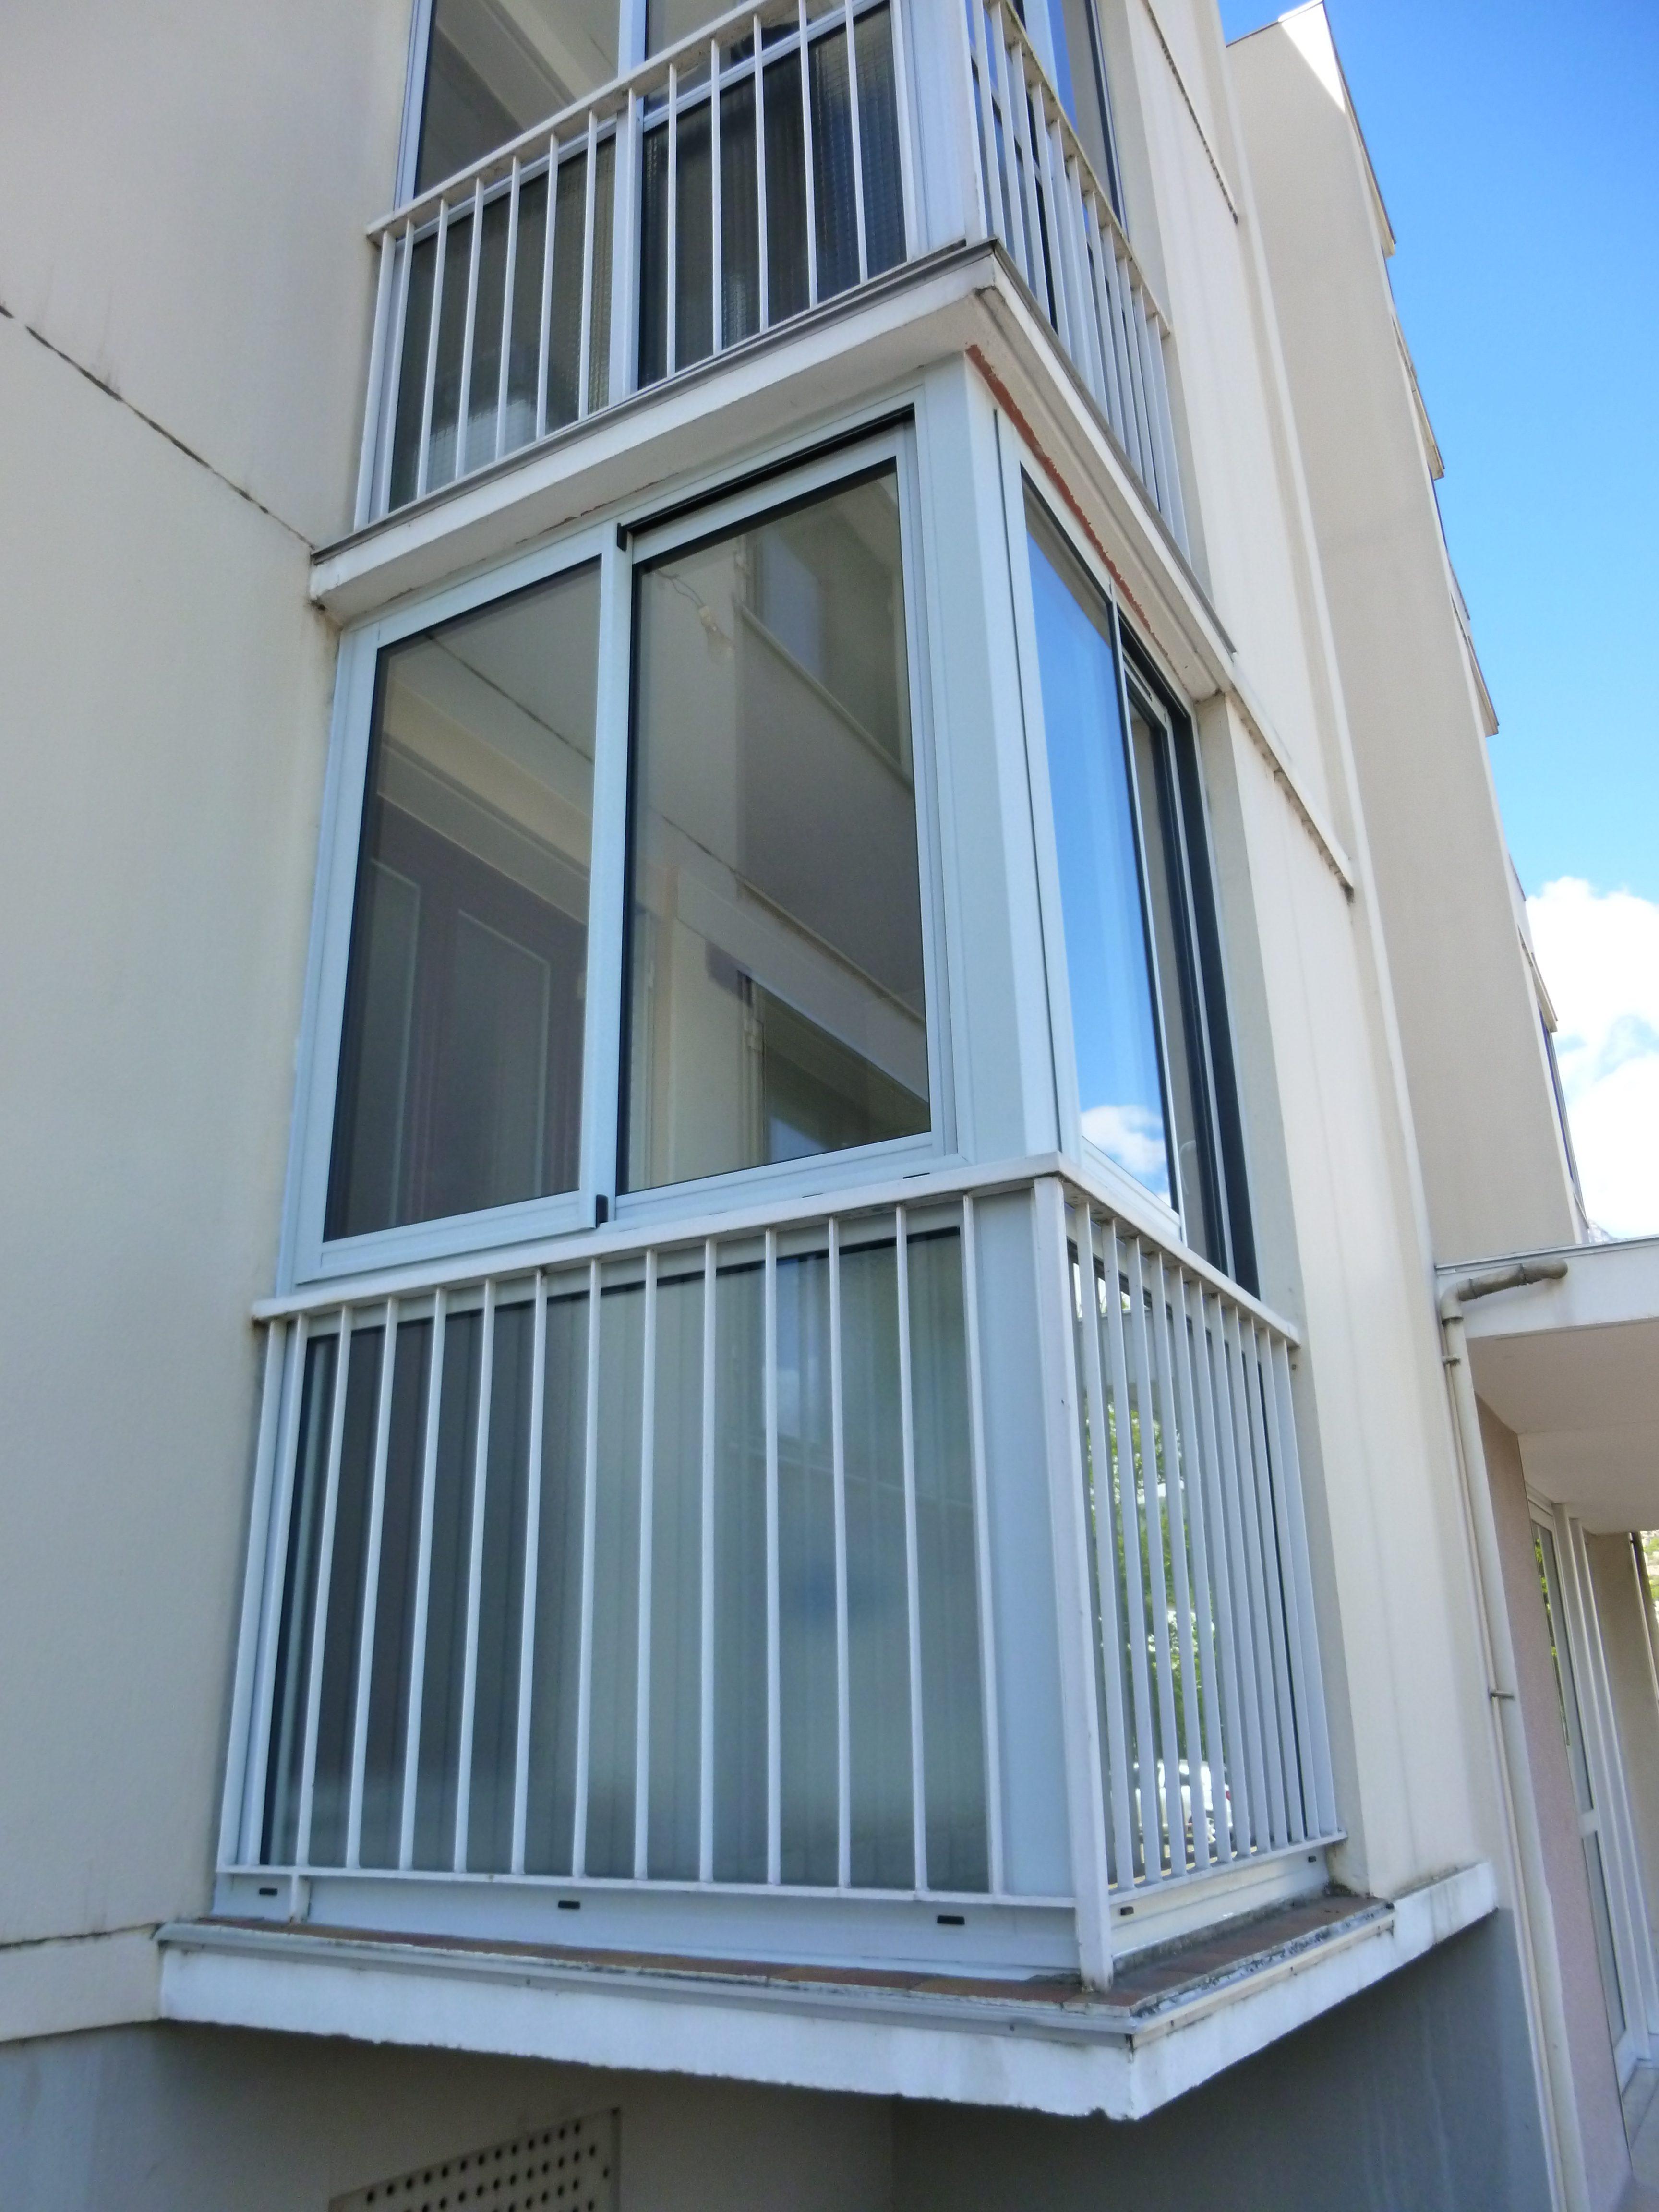 Fenêtre coulissante aluminium Grenoble